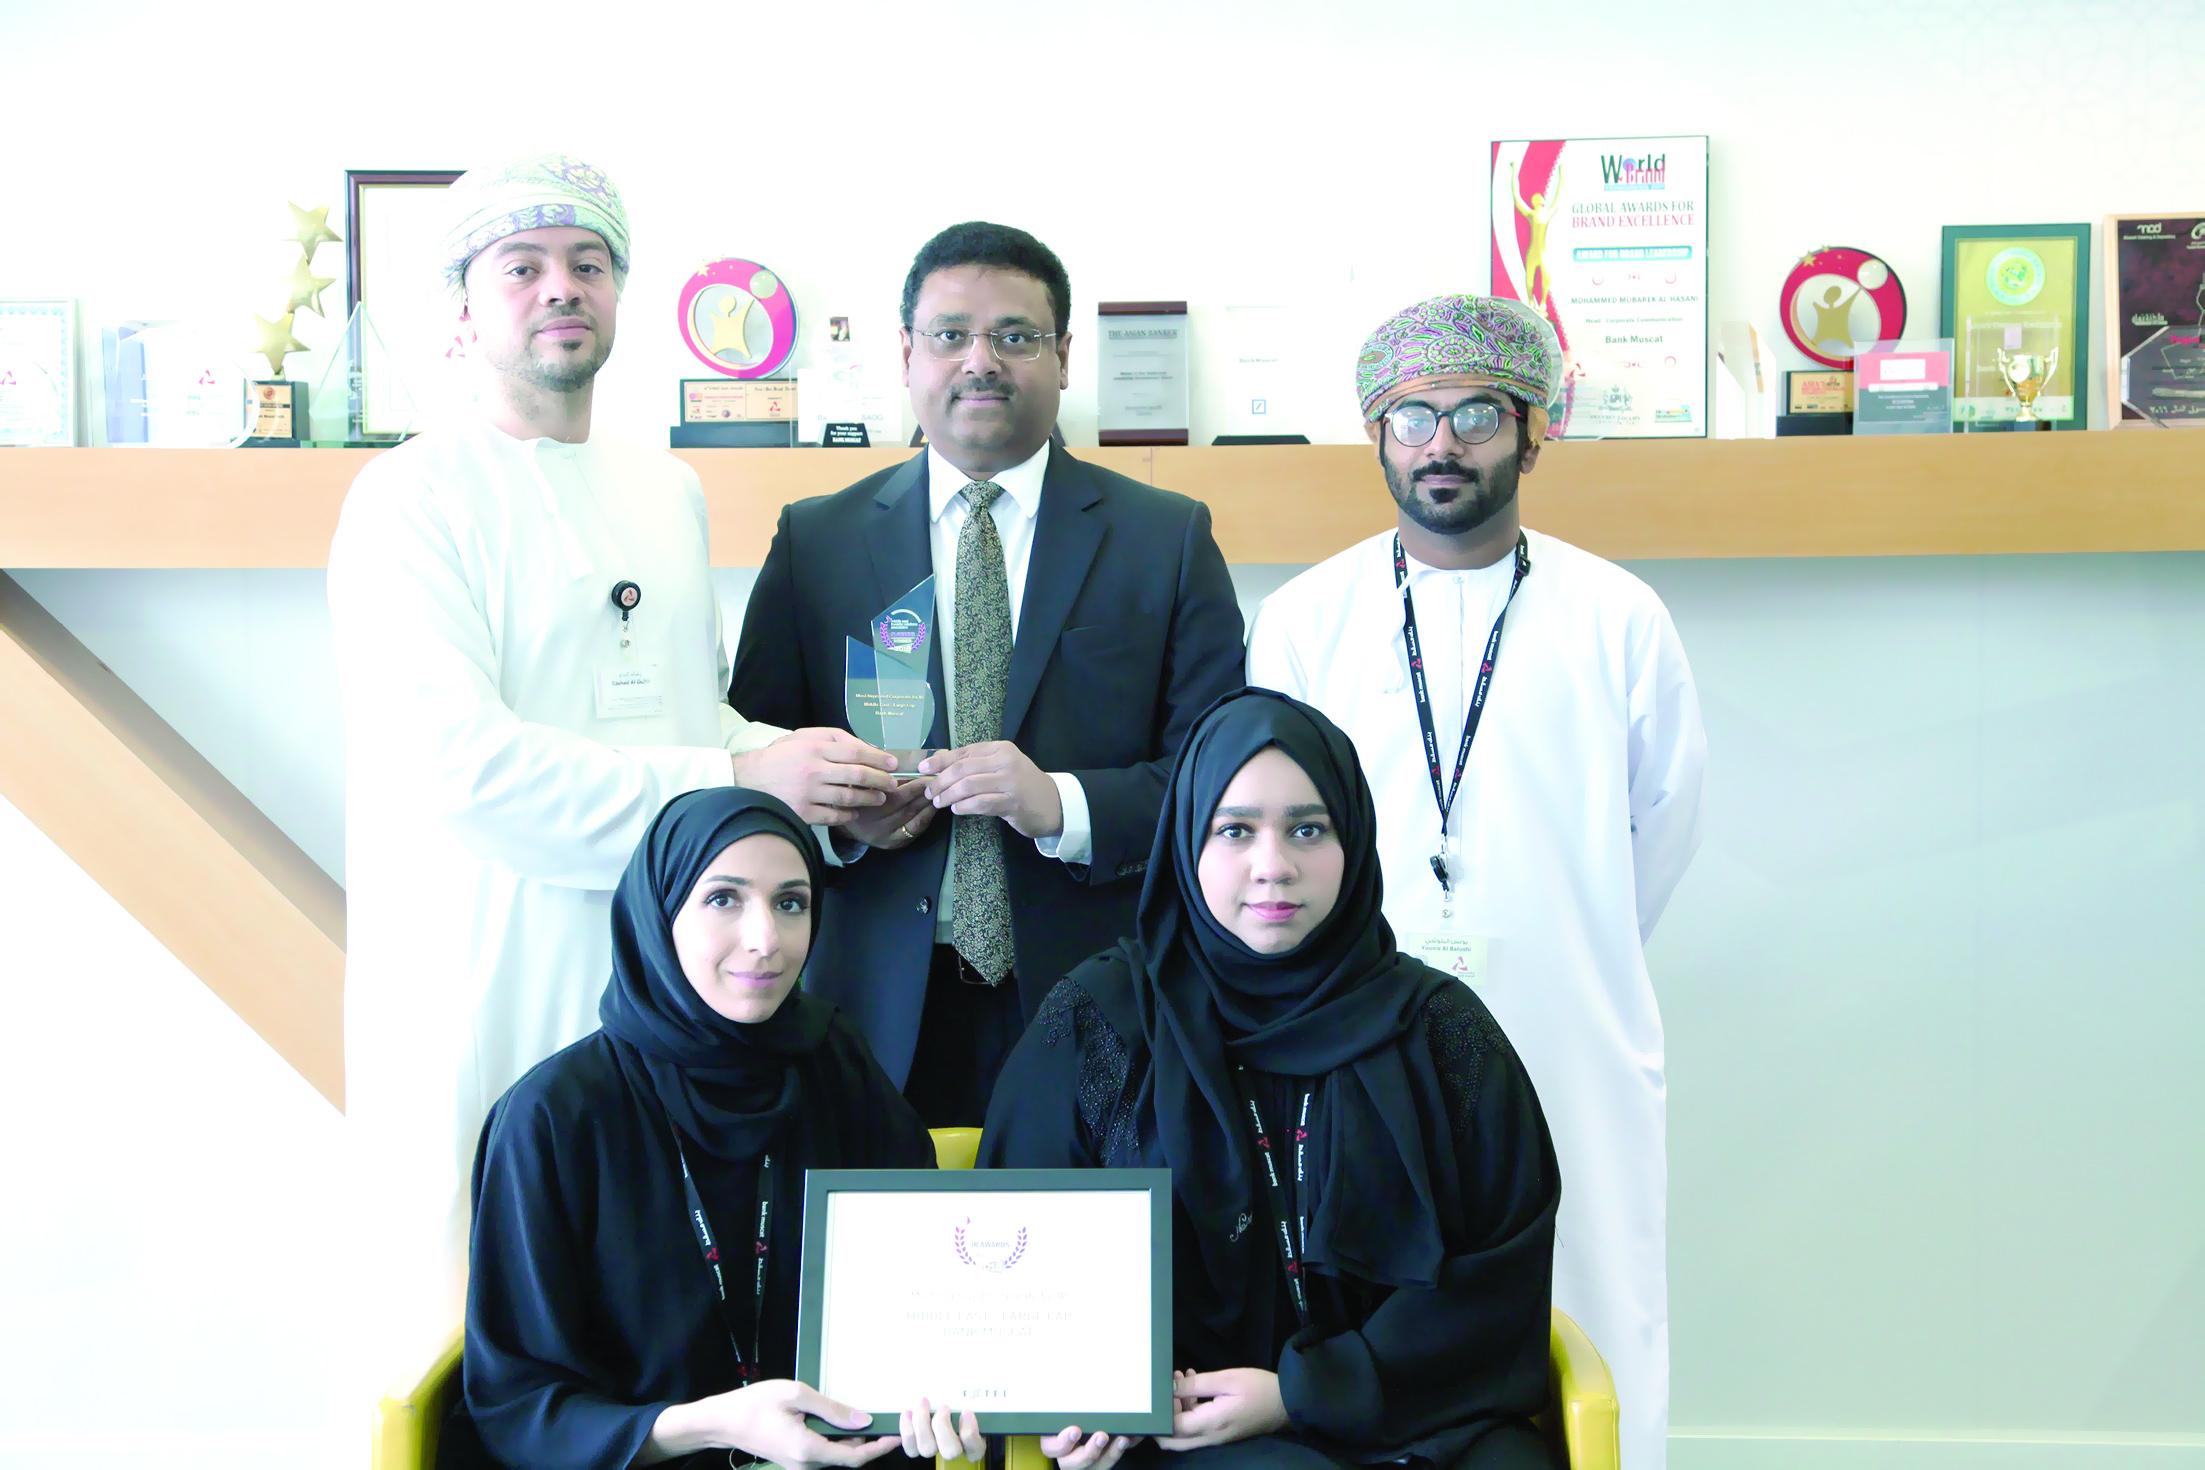 ضمن جوائز المؤسسات الكبيرة في الشرق الأوسطبنك مسقط أفضل مؤسسة بمجال تعزيز علاقات المستثمرين